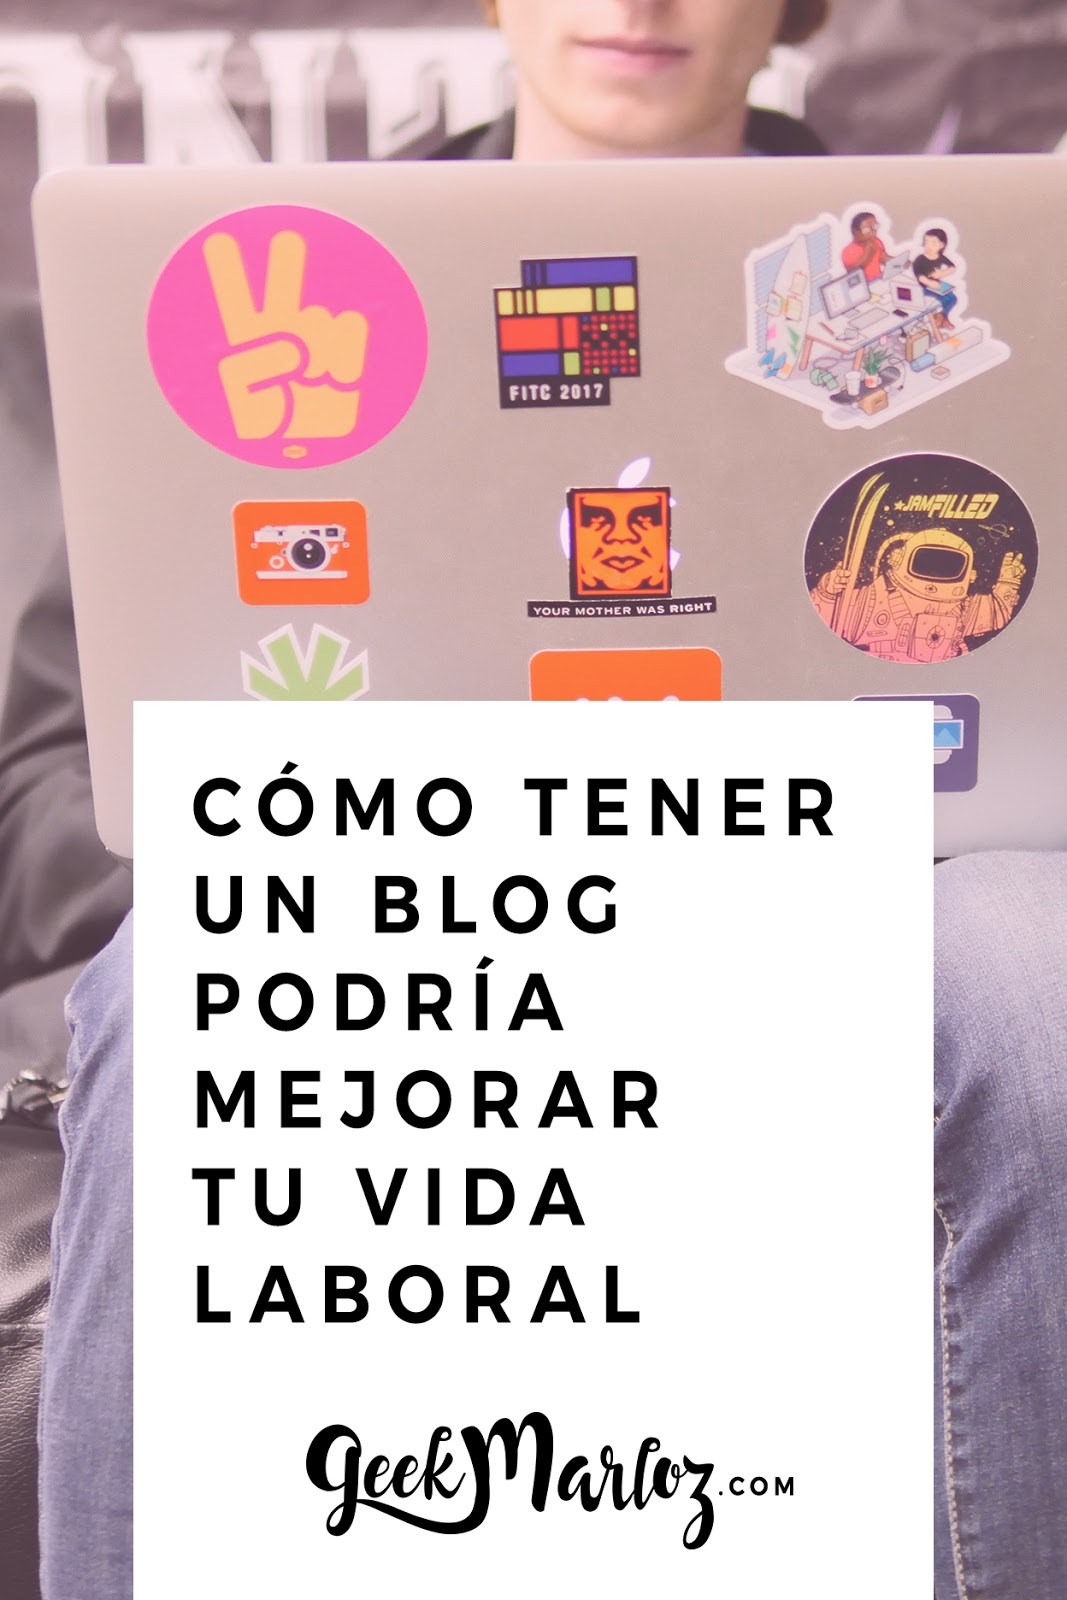 Cómo tener un blog podría mejorar tu vida laboral